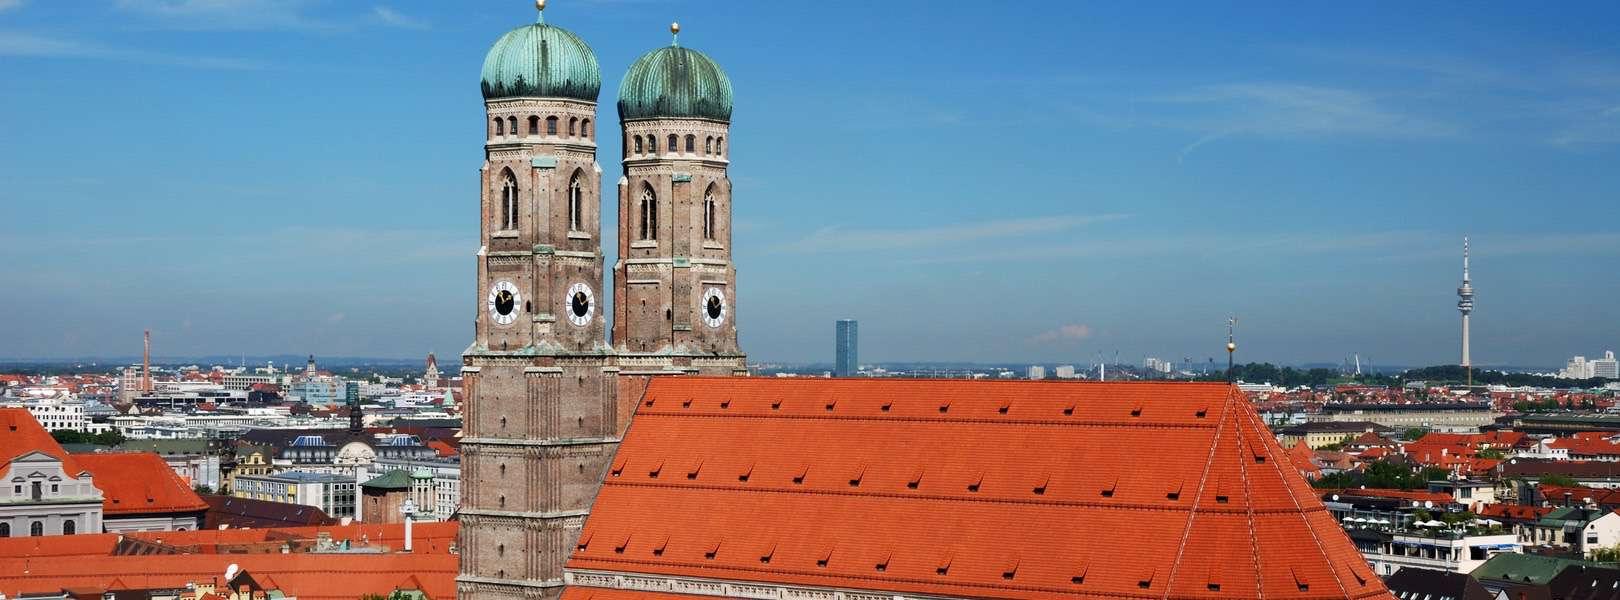 Blick auf die Frauenkirche München